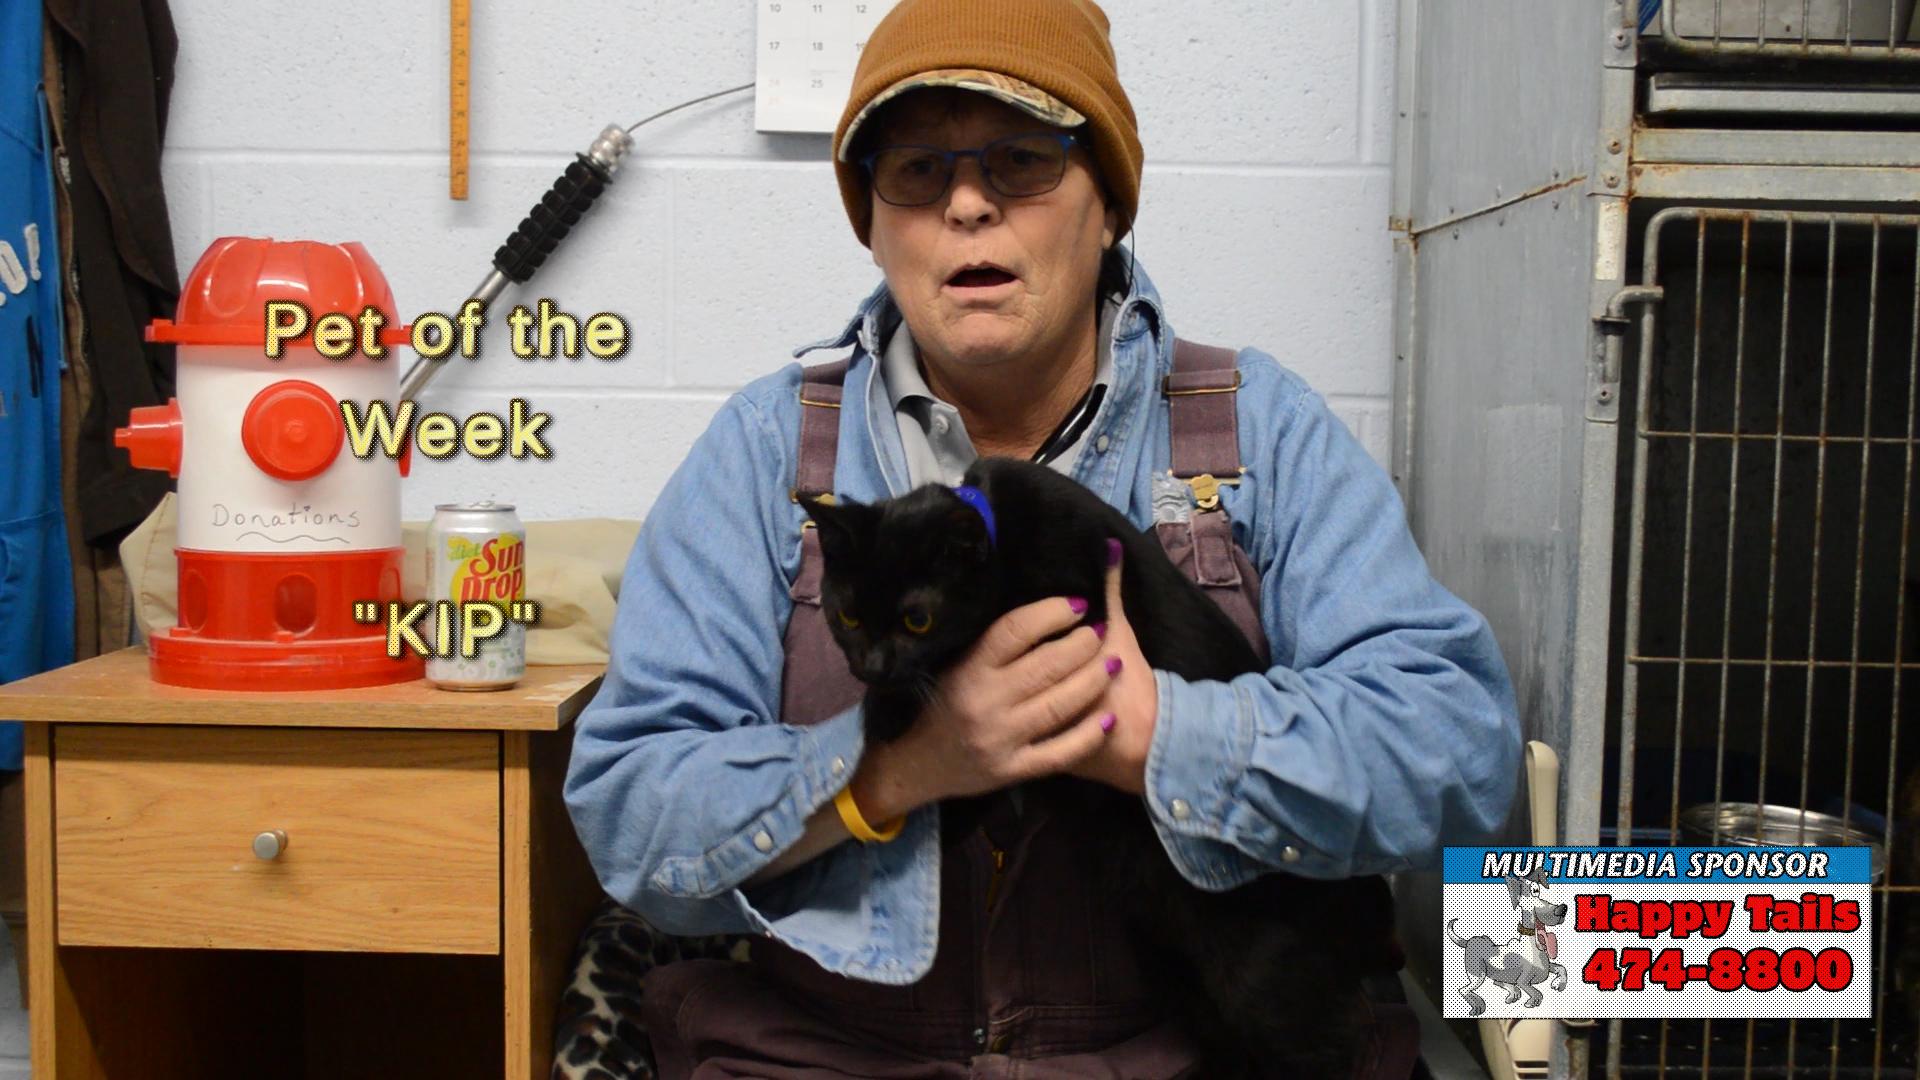 VIDEO: Pet of the Week - Kip